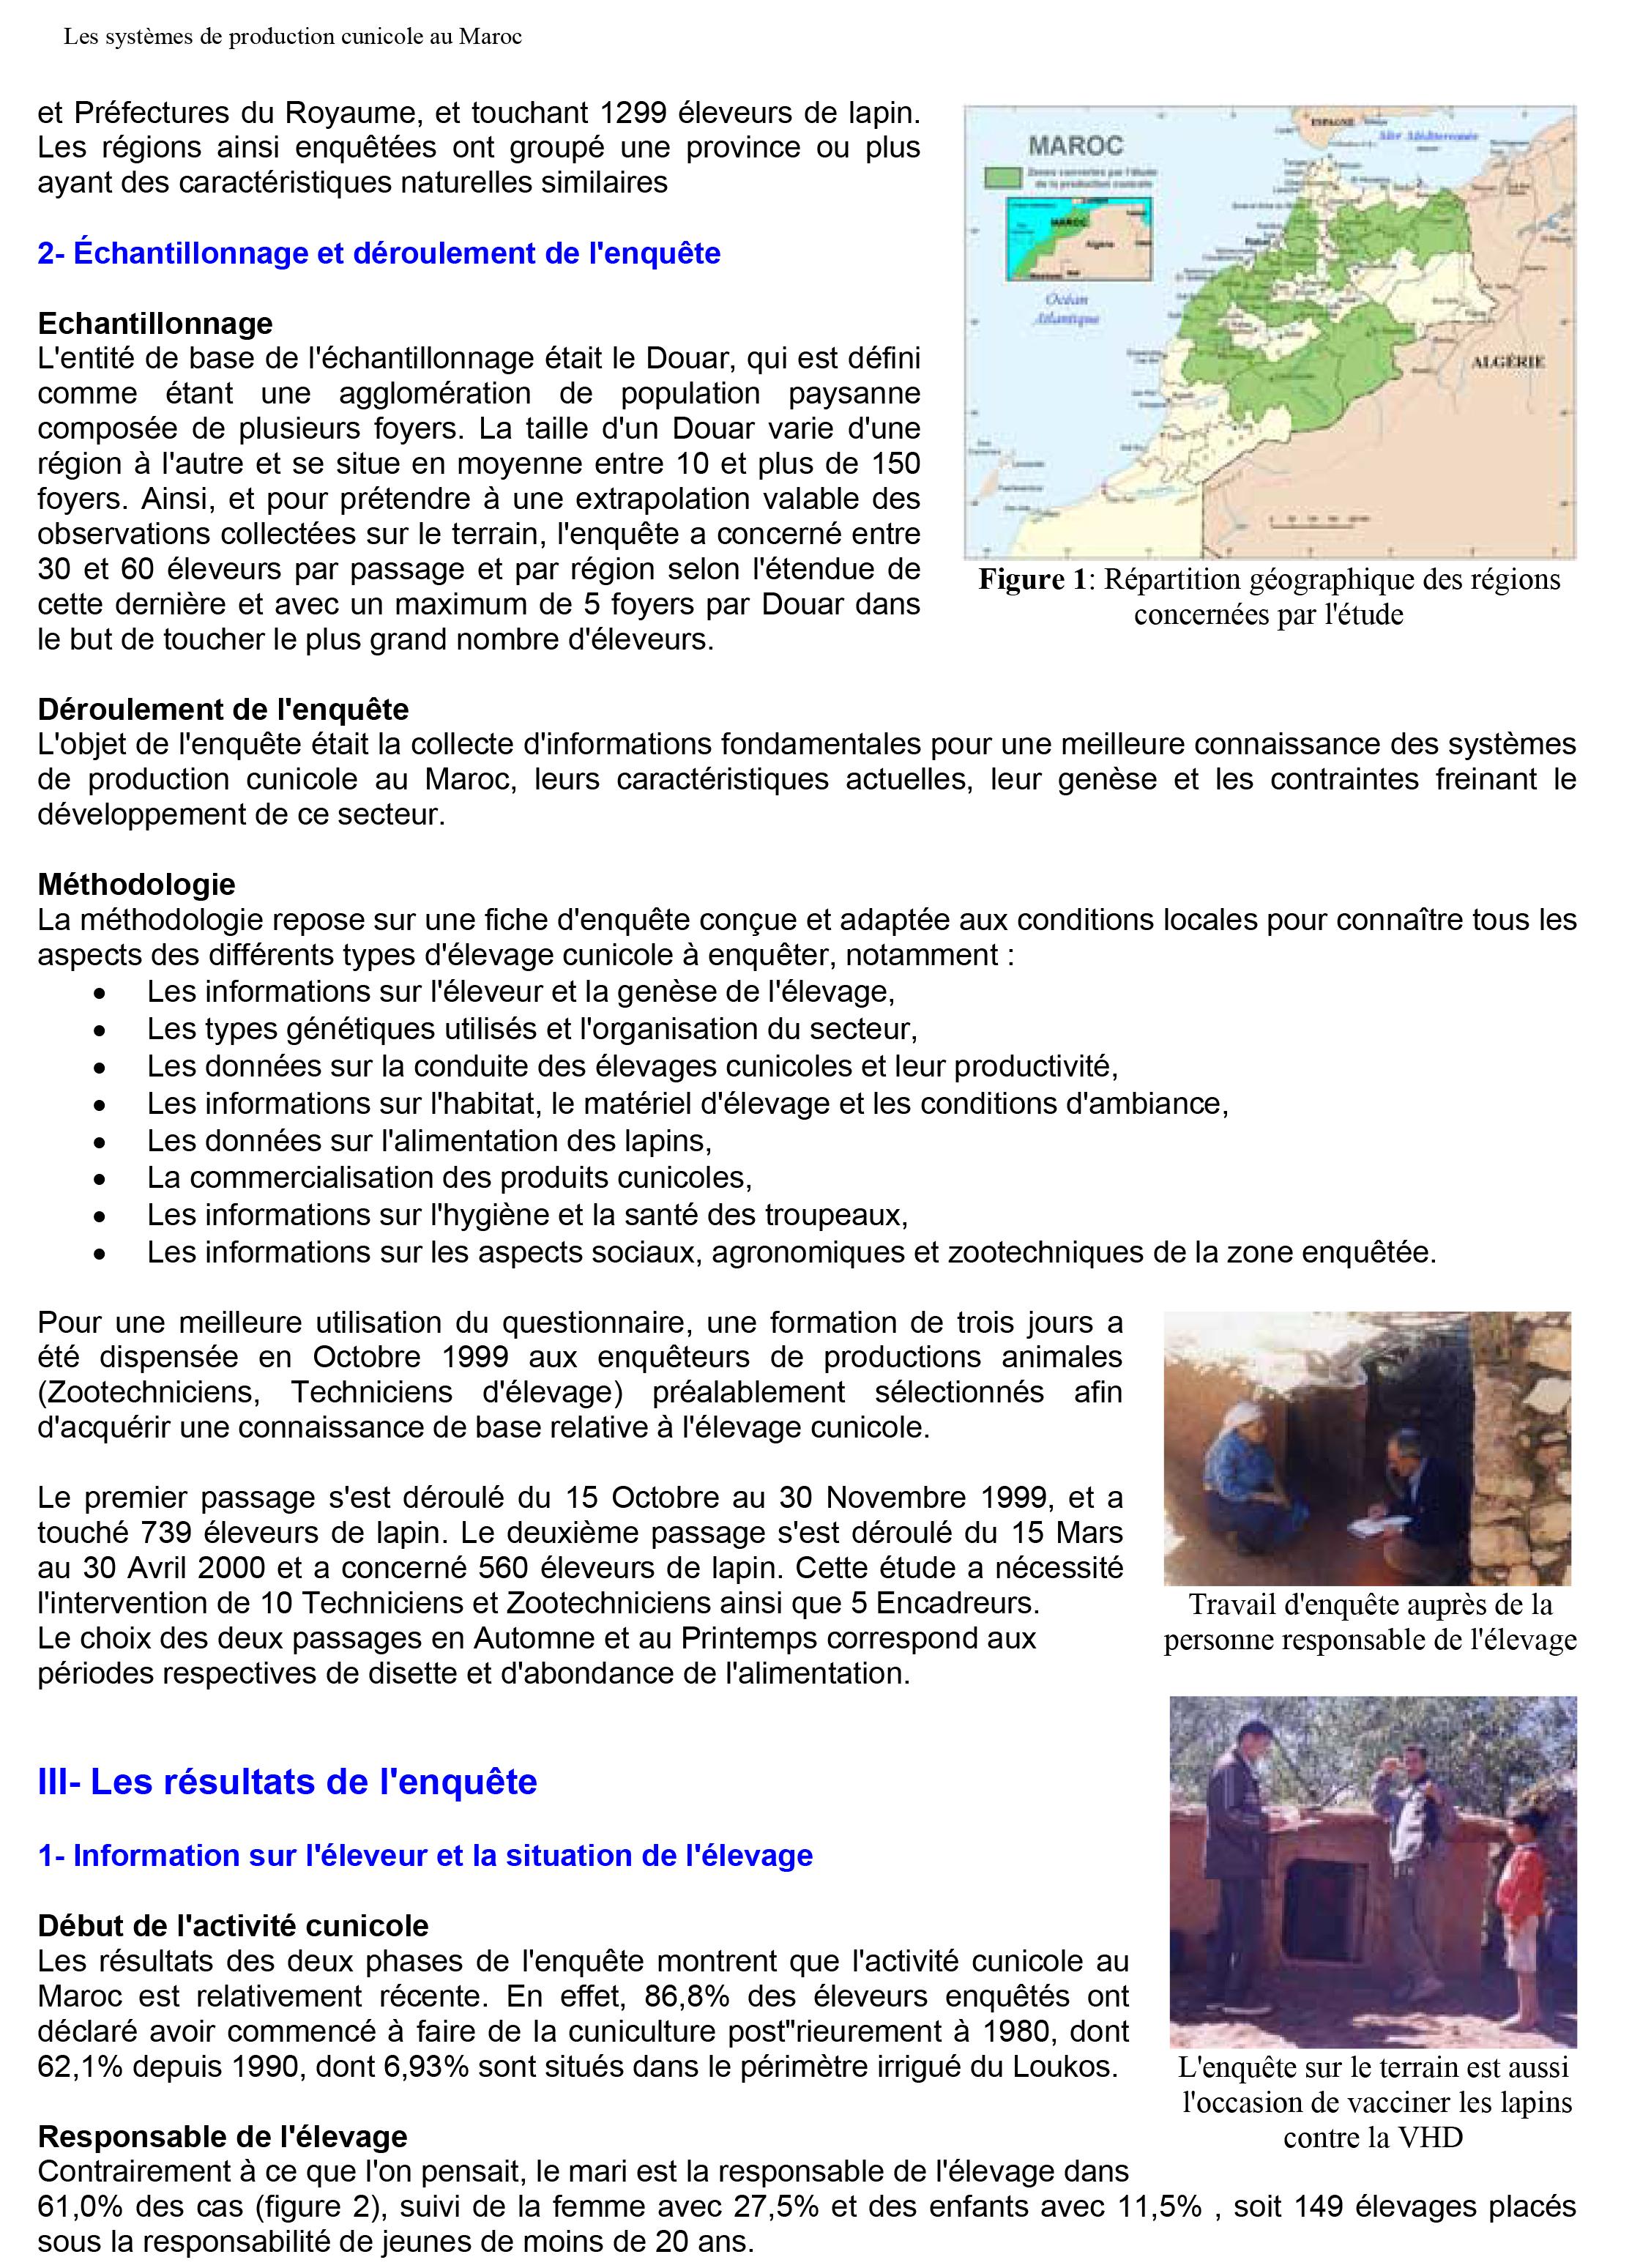 Etude sur les systèmes de production cunicole au Maroc